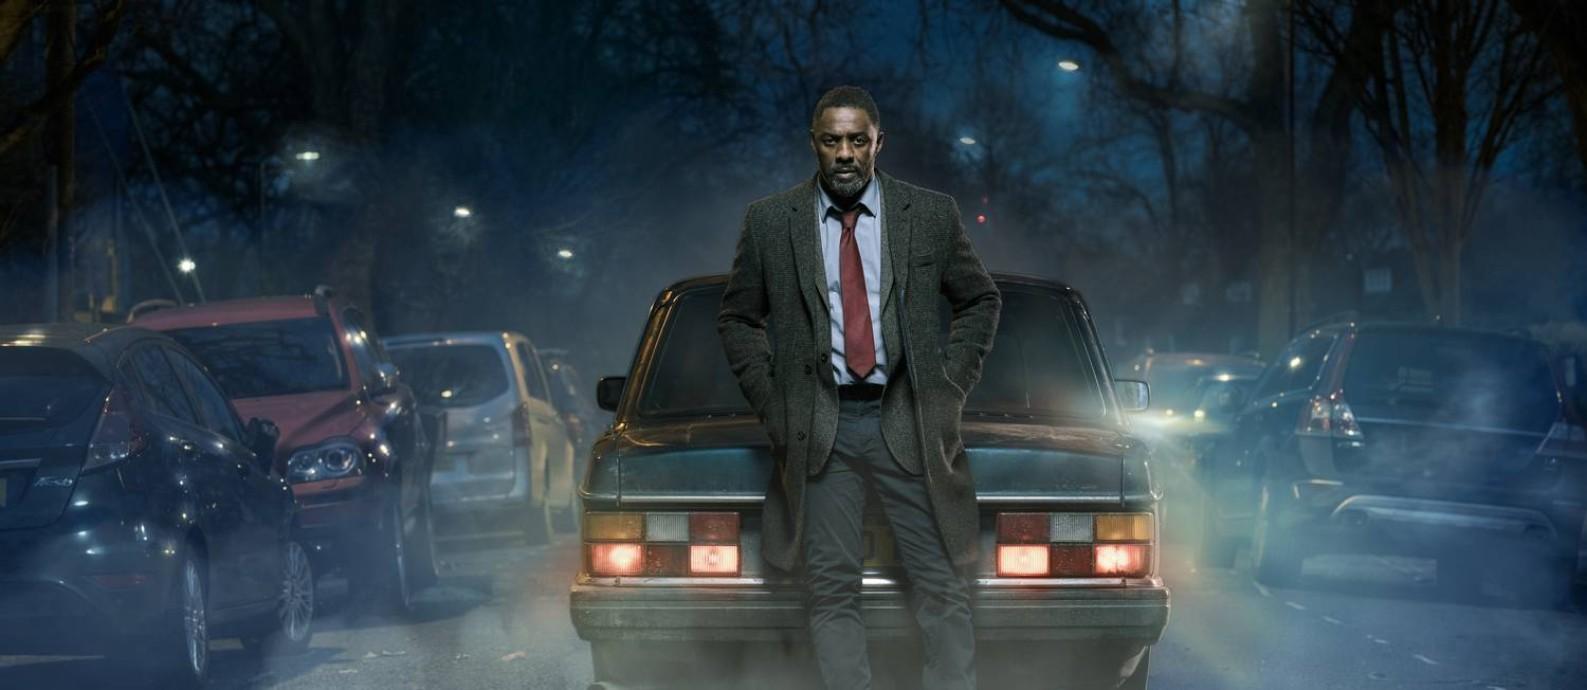 """Idris Elba no papel de John Luther, o detetive da série britânica """"Luther Foto: Des Willie / Divulgação"""